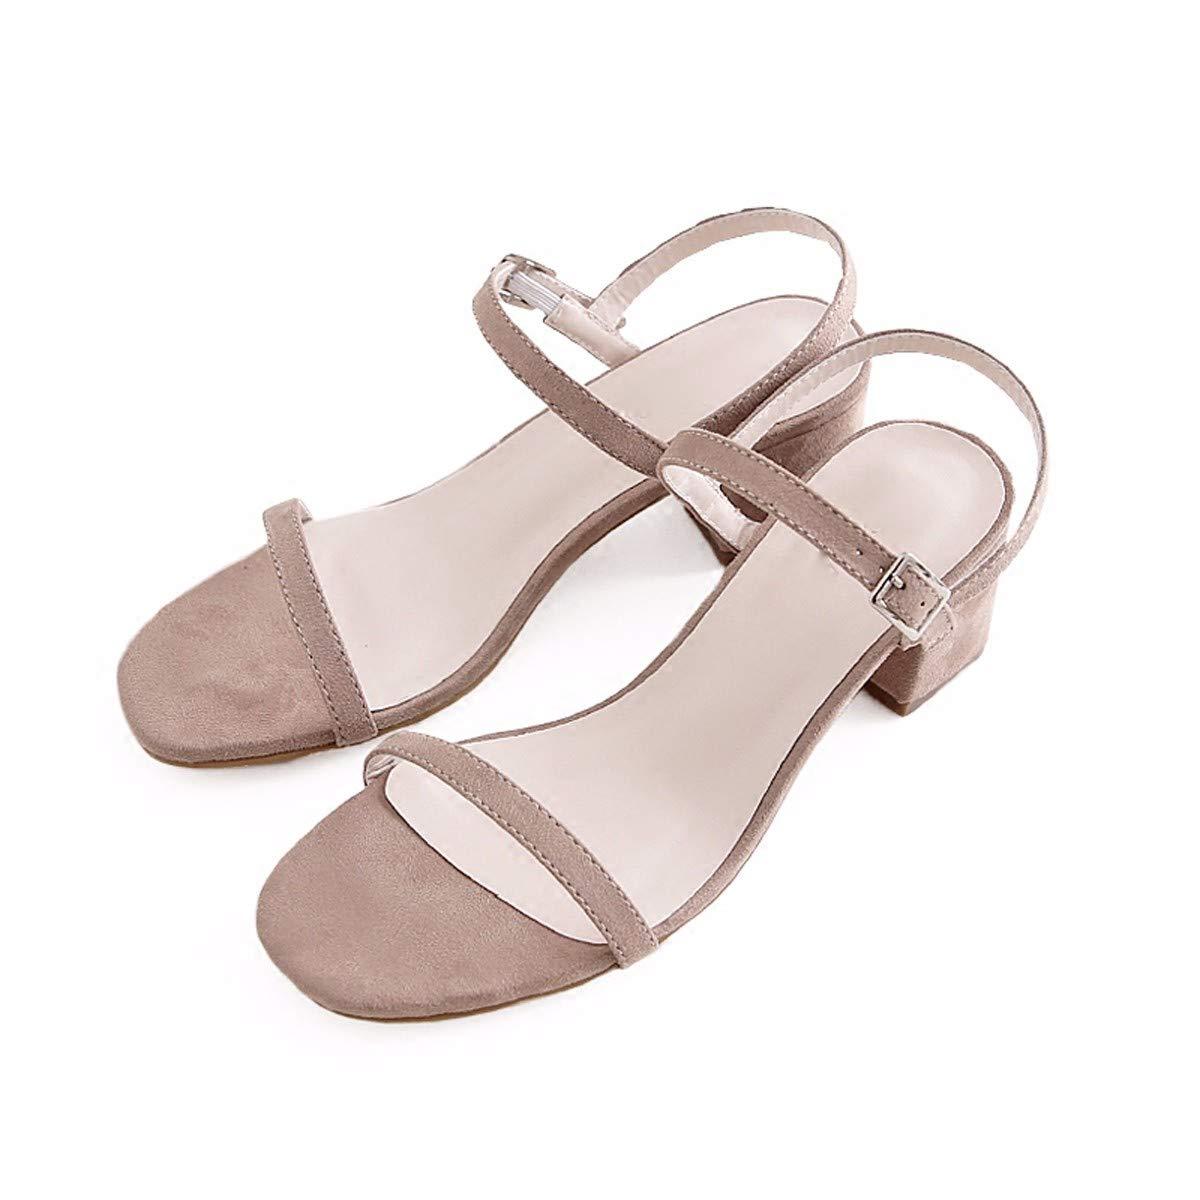 KPHY-Die Roten Sandaleen Der Sommer Mies Temperament Tau Die Wort Schnalle Sandaleen 6 cm 35 Bean Sand Farbe